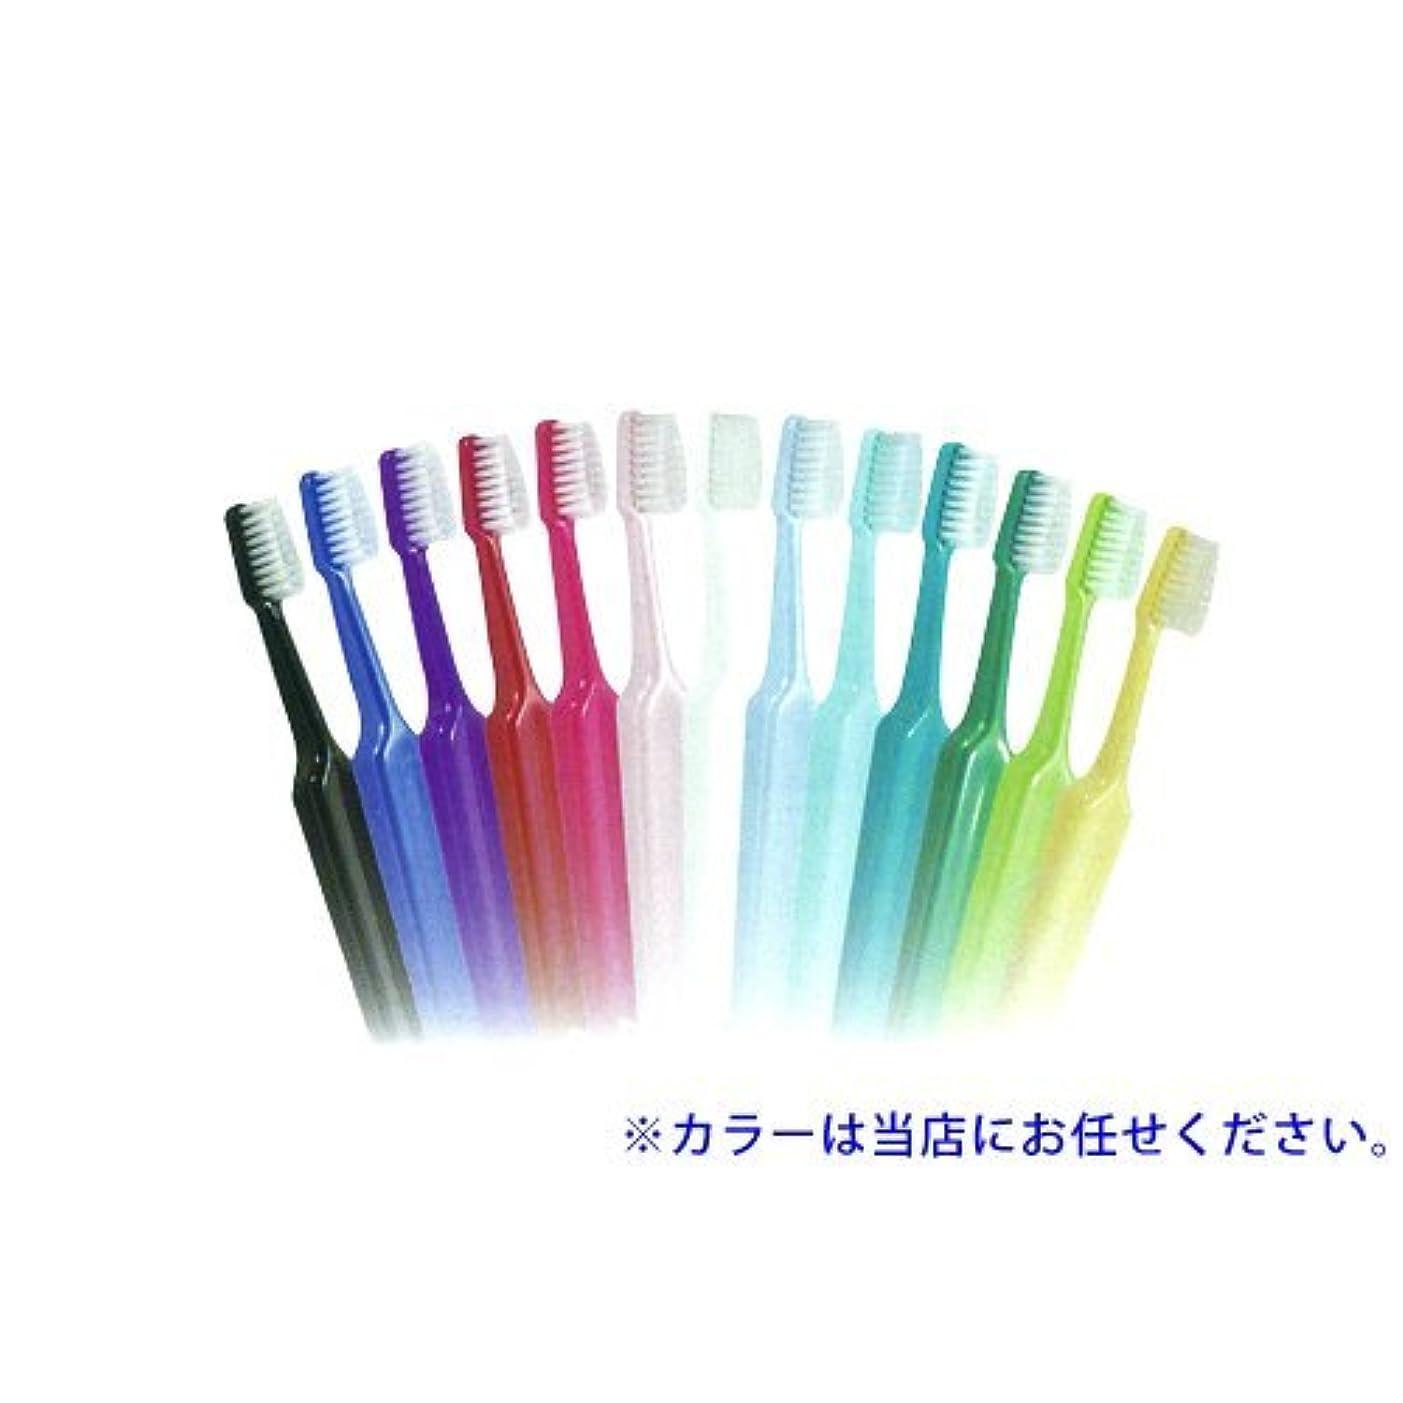 集める産地コピークロスフィールド TePe テペ セレクトミニ 歯ブラシ 1本 エクストラソフト